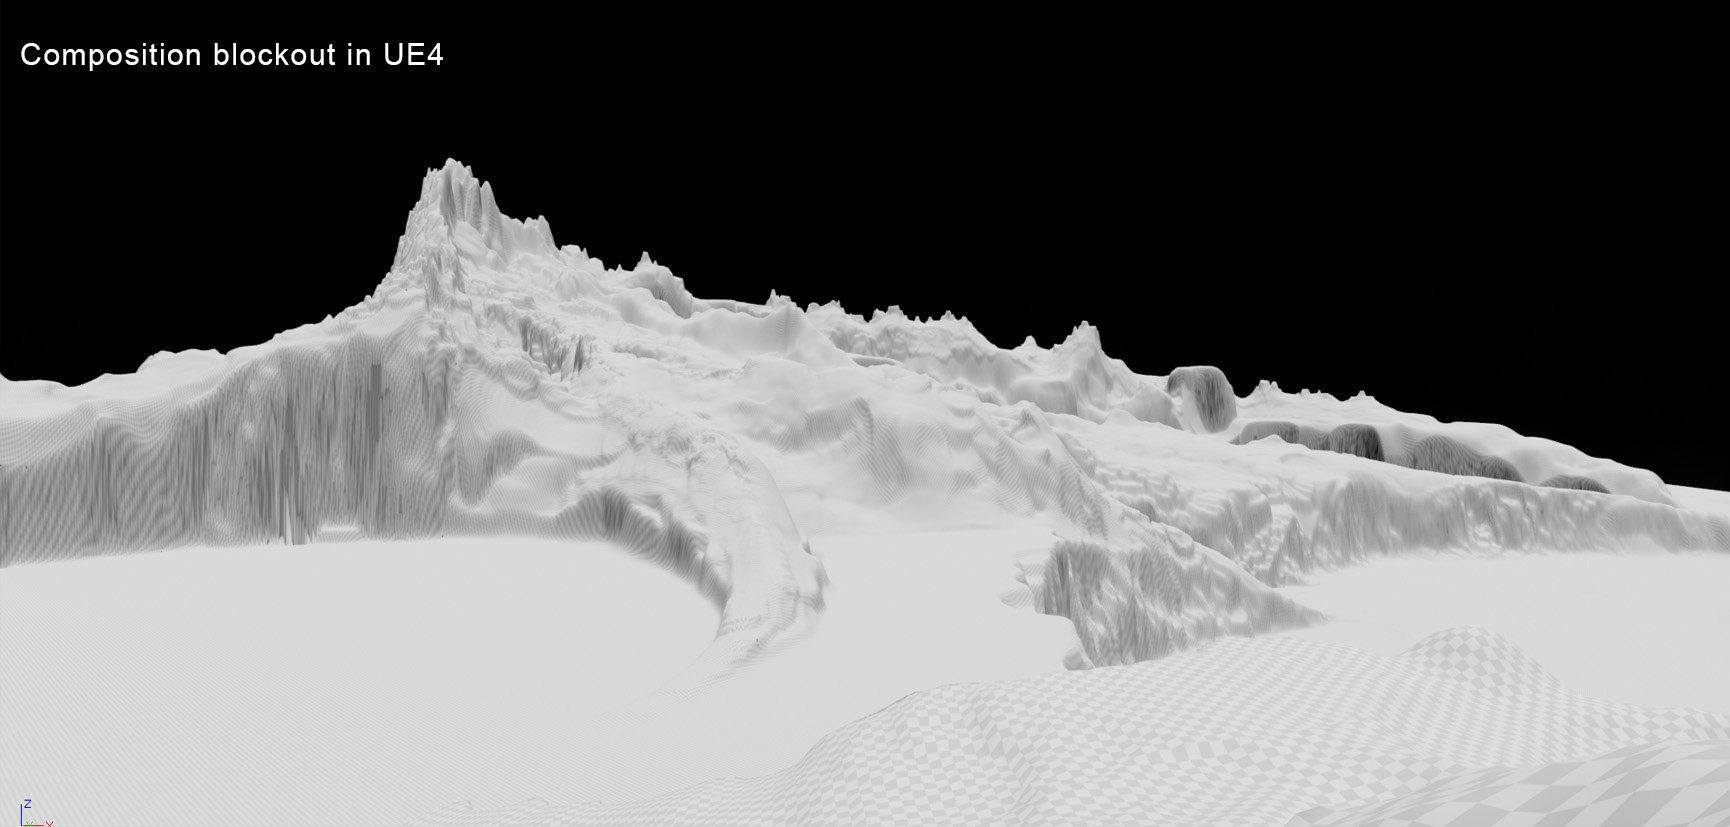 Terrain Breakdown